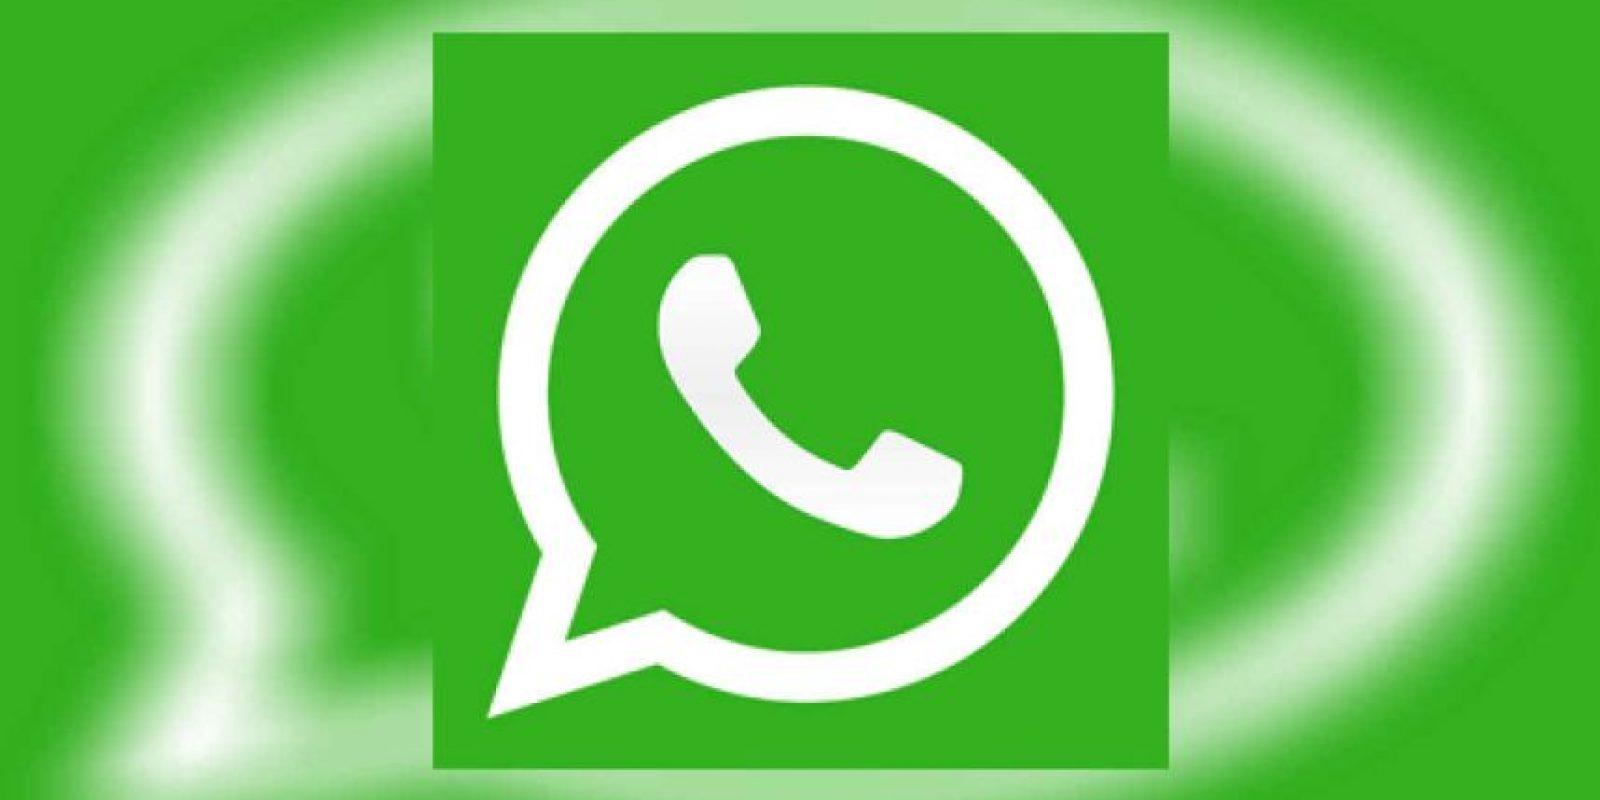 Miles de personas en el mundo sufren de adicción a los smartphones y redes sociales. Foto:WhatsApp